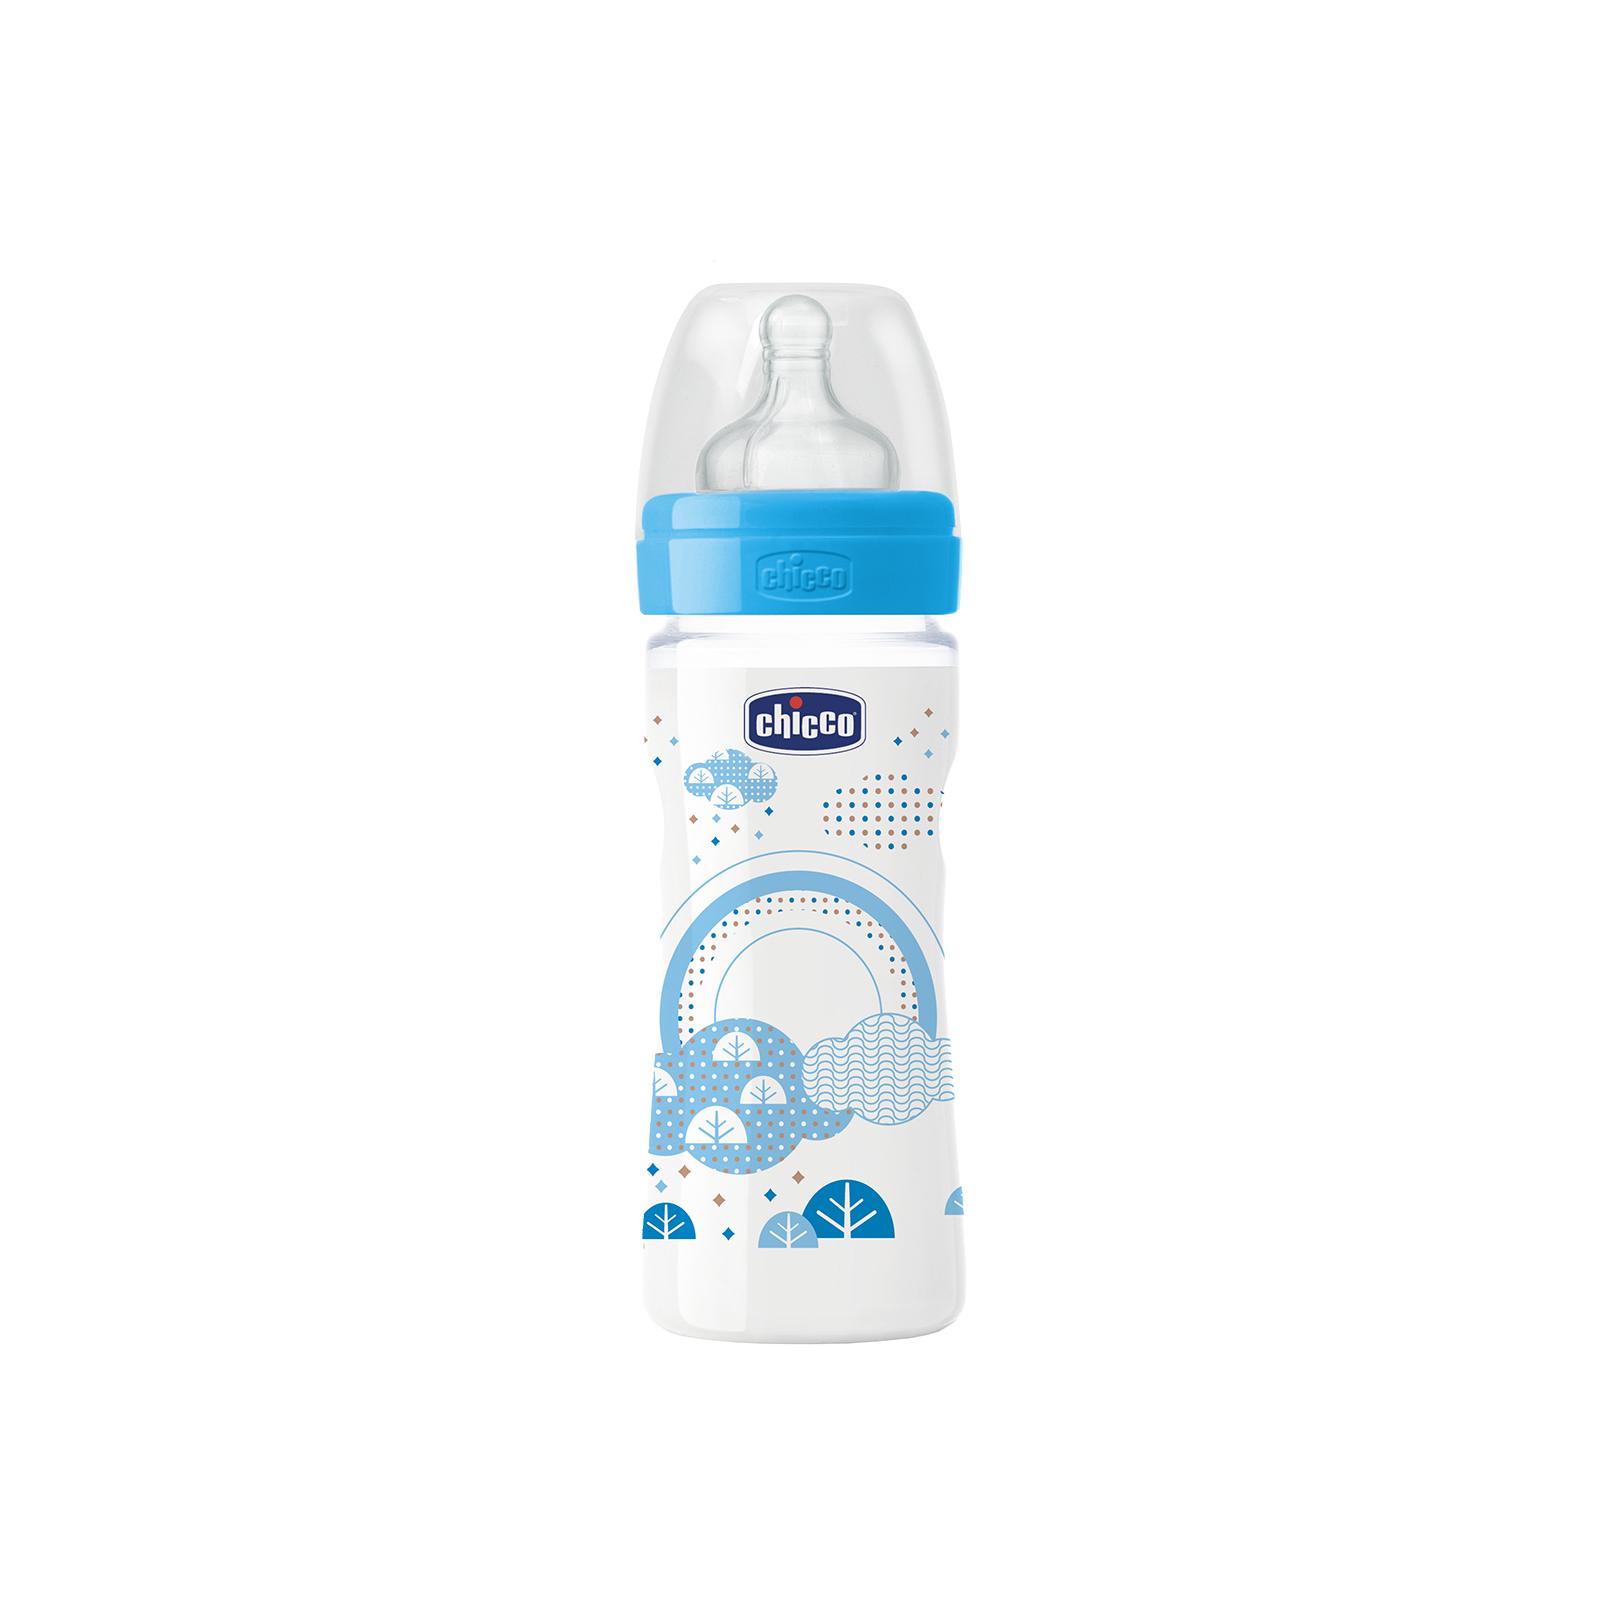 Бутылочка для кормления Chicco Well-Being 250 мл с силиконовой соской (70723.20.04)